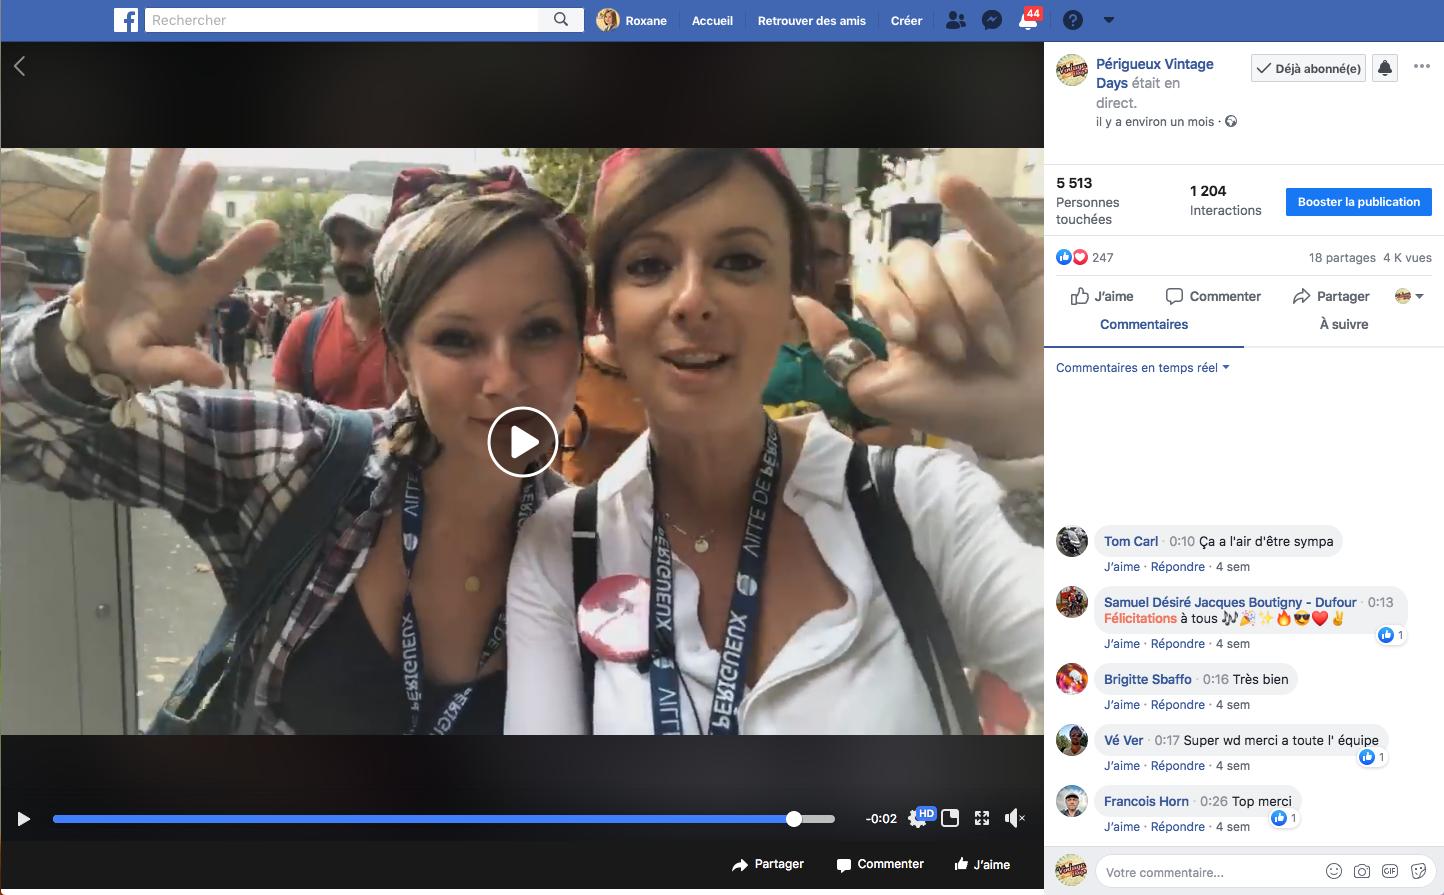 Vidéos Live Facebook Périgueux Vintage Days - Agence de communication Adékoi Dordogne